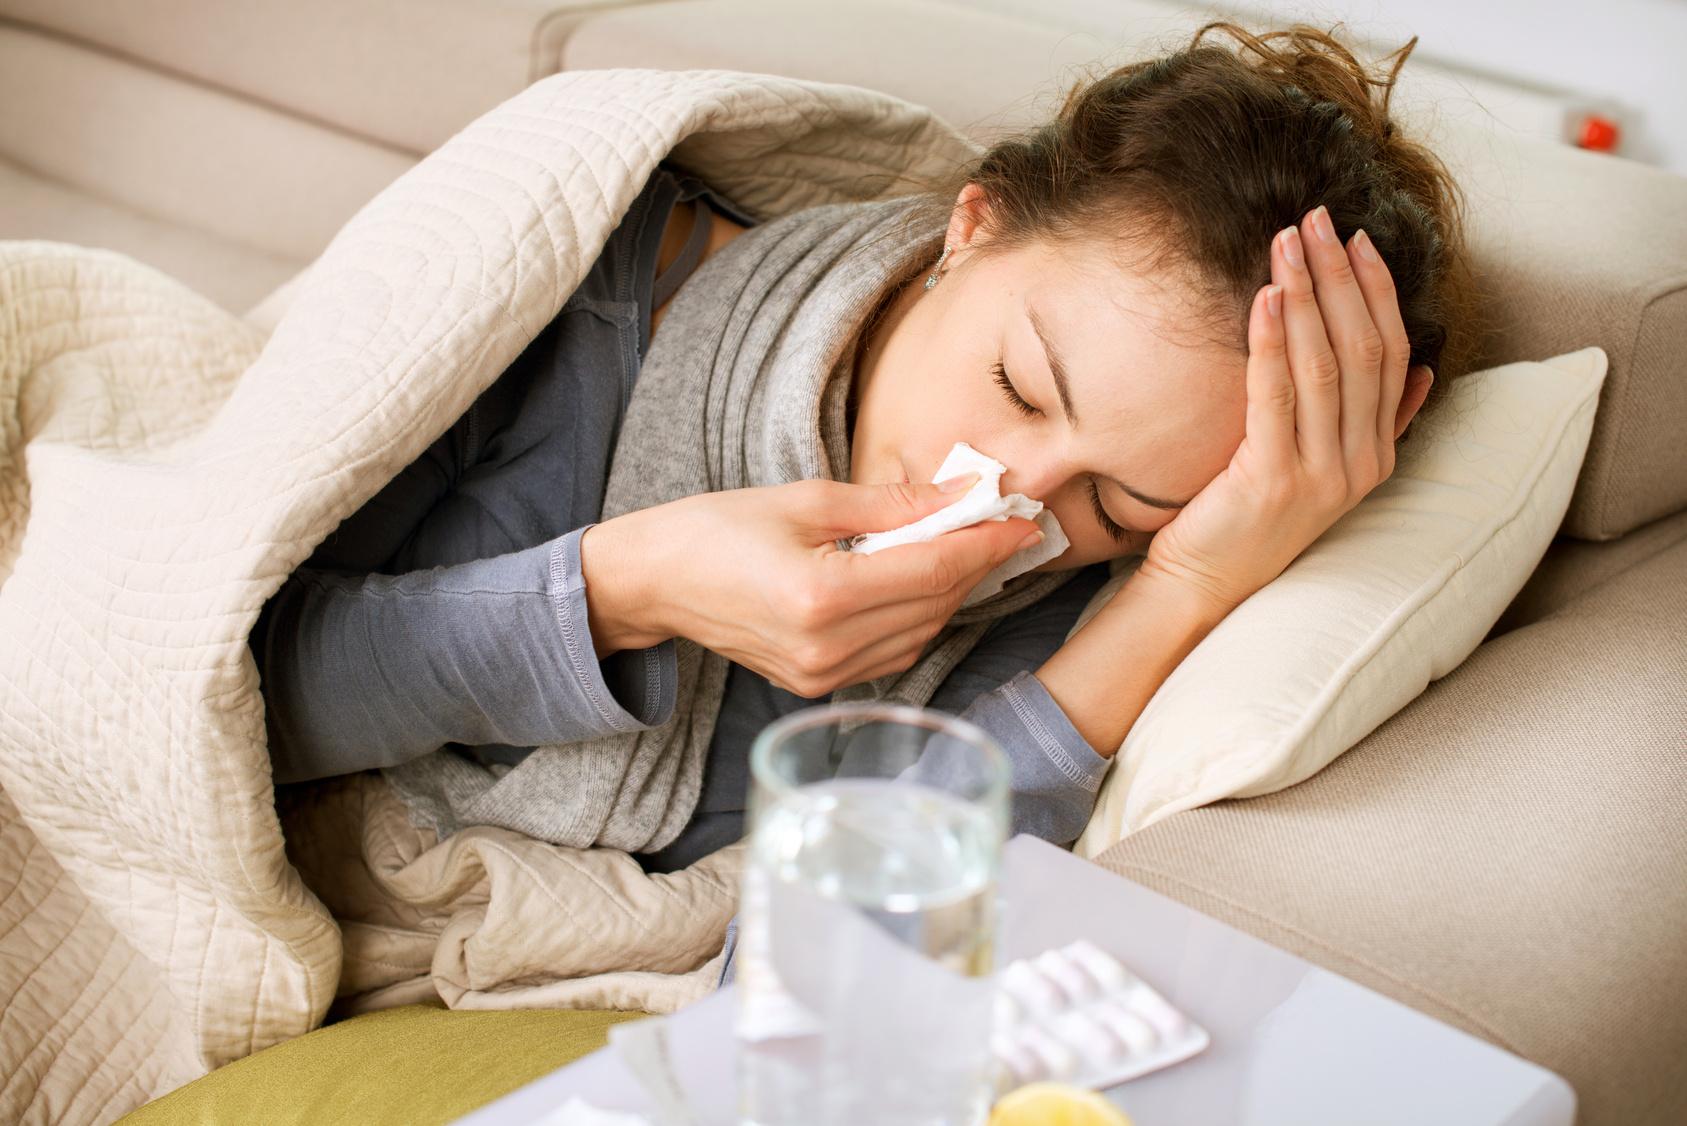 5 things sick people